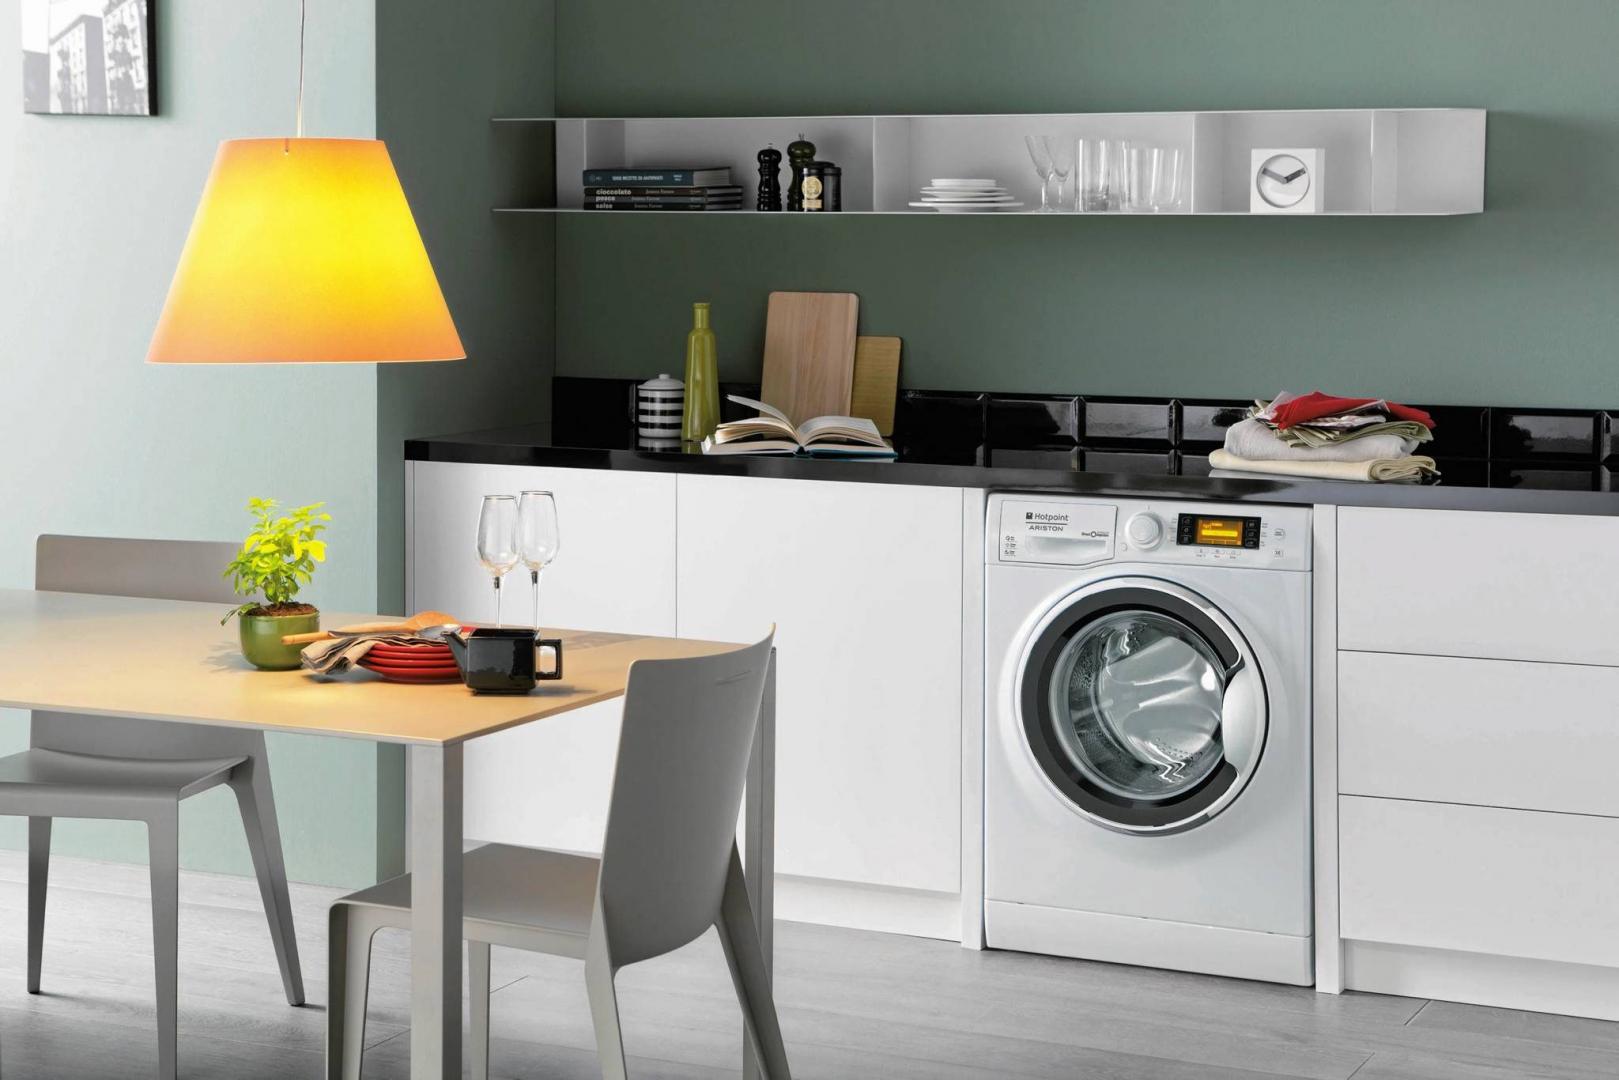 Стиральная машина на кухне: учимся использовать свободную площадь рационально